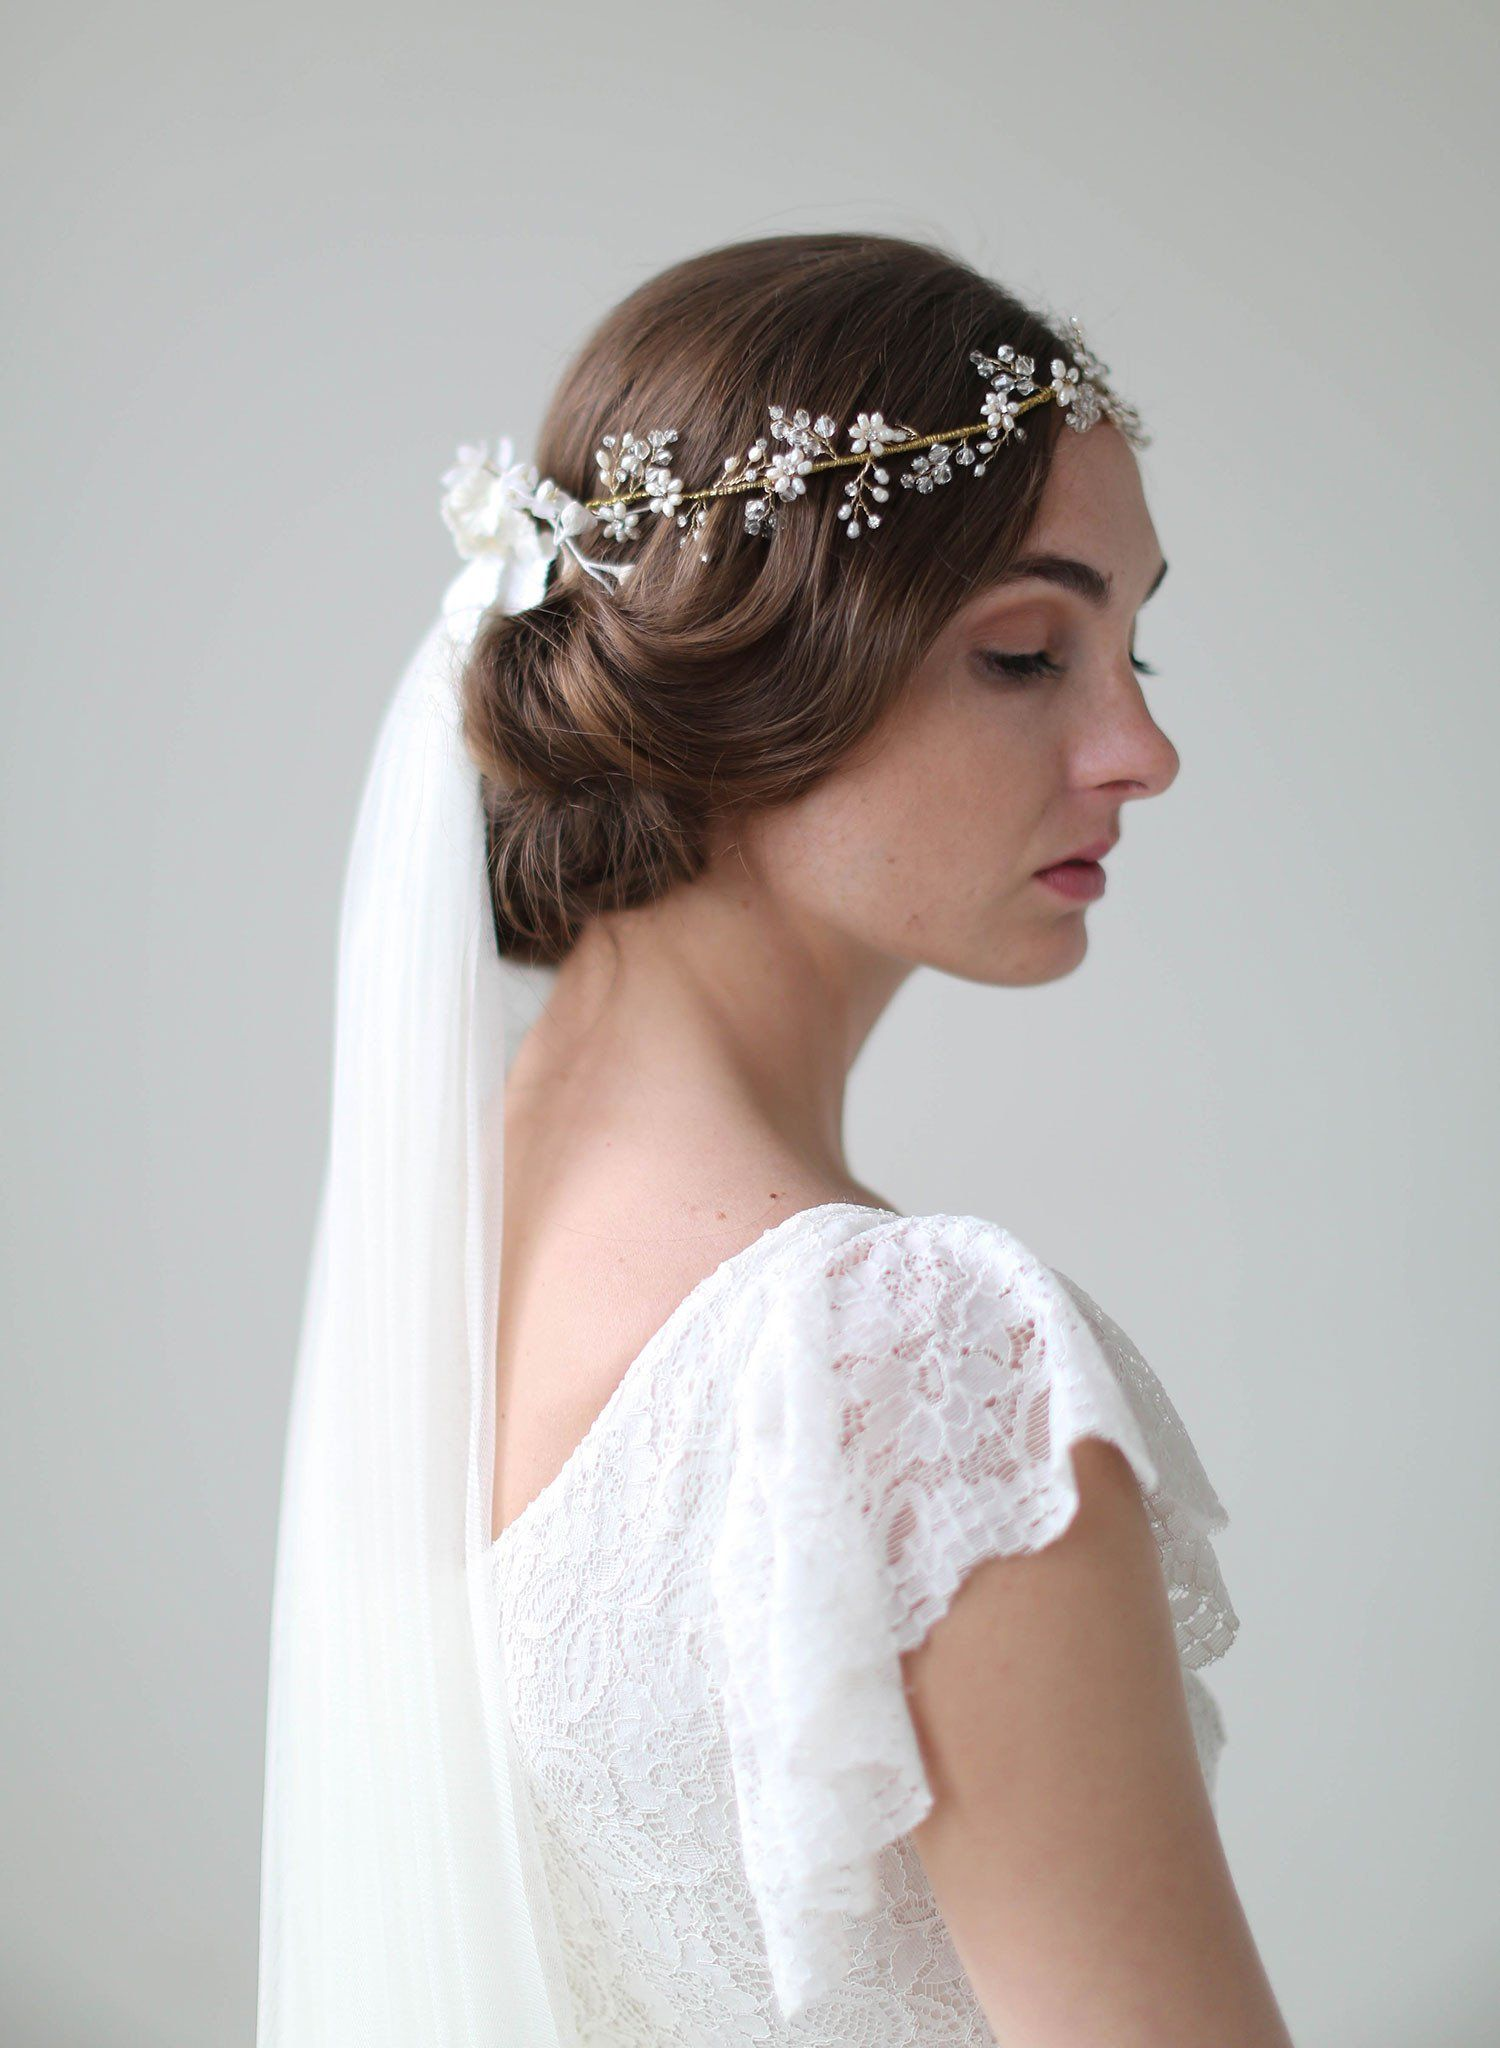 Výsledek obrázku pro veil wedding | Dagmar klobouky. | Pinterest